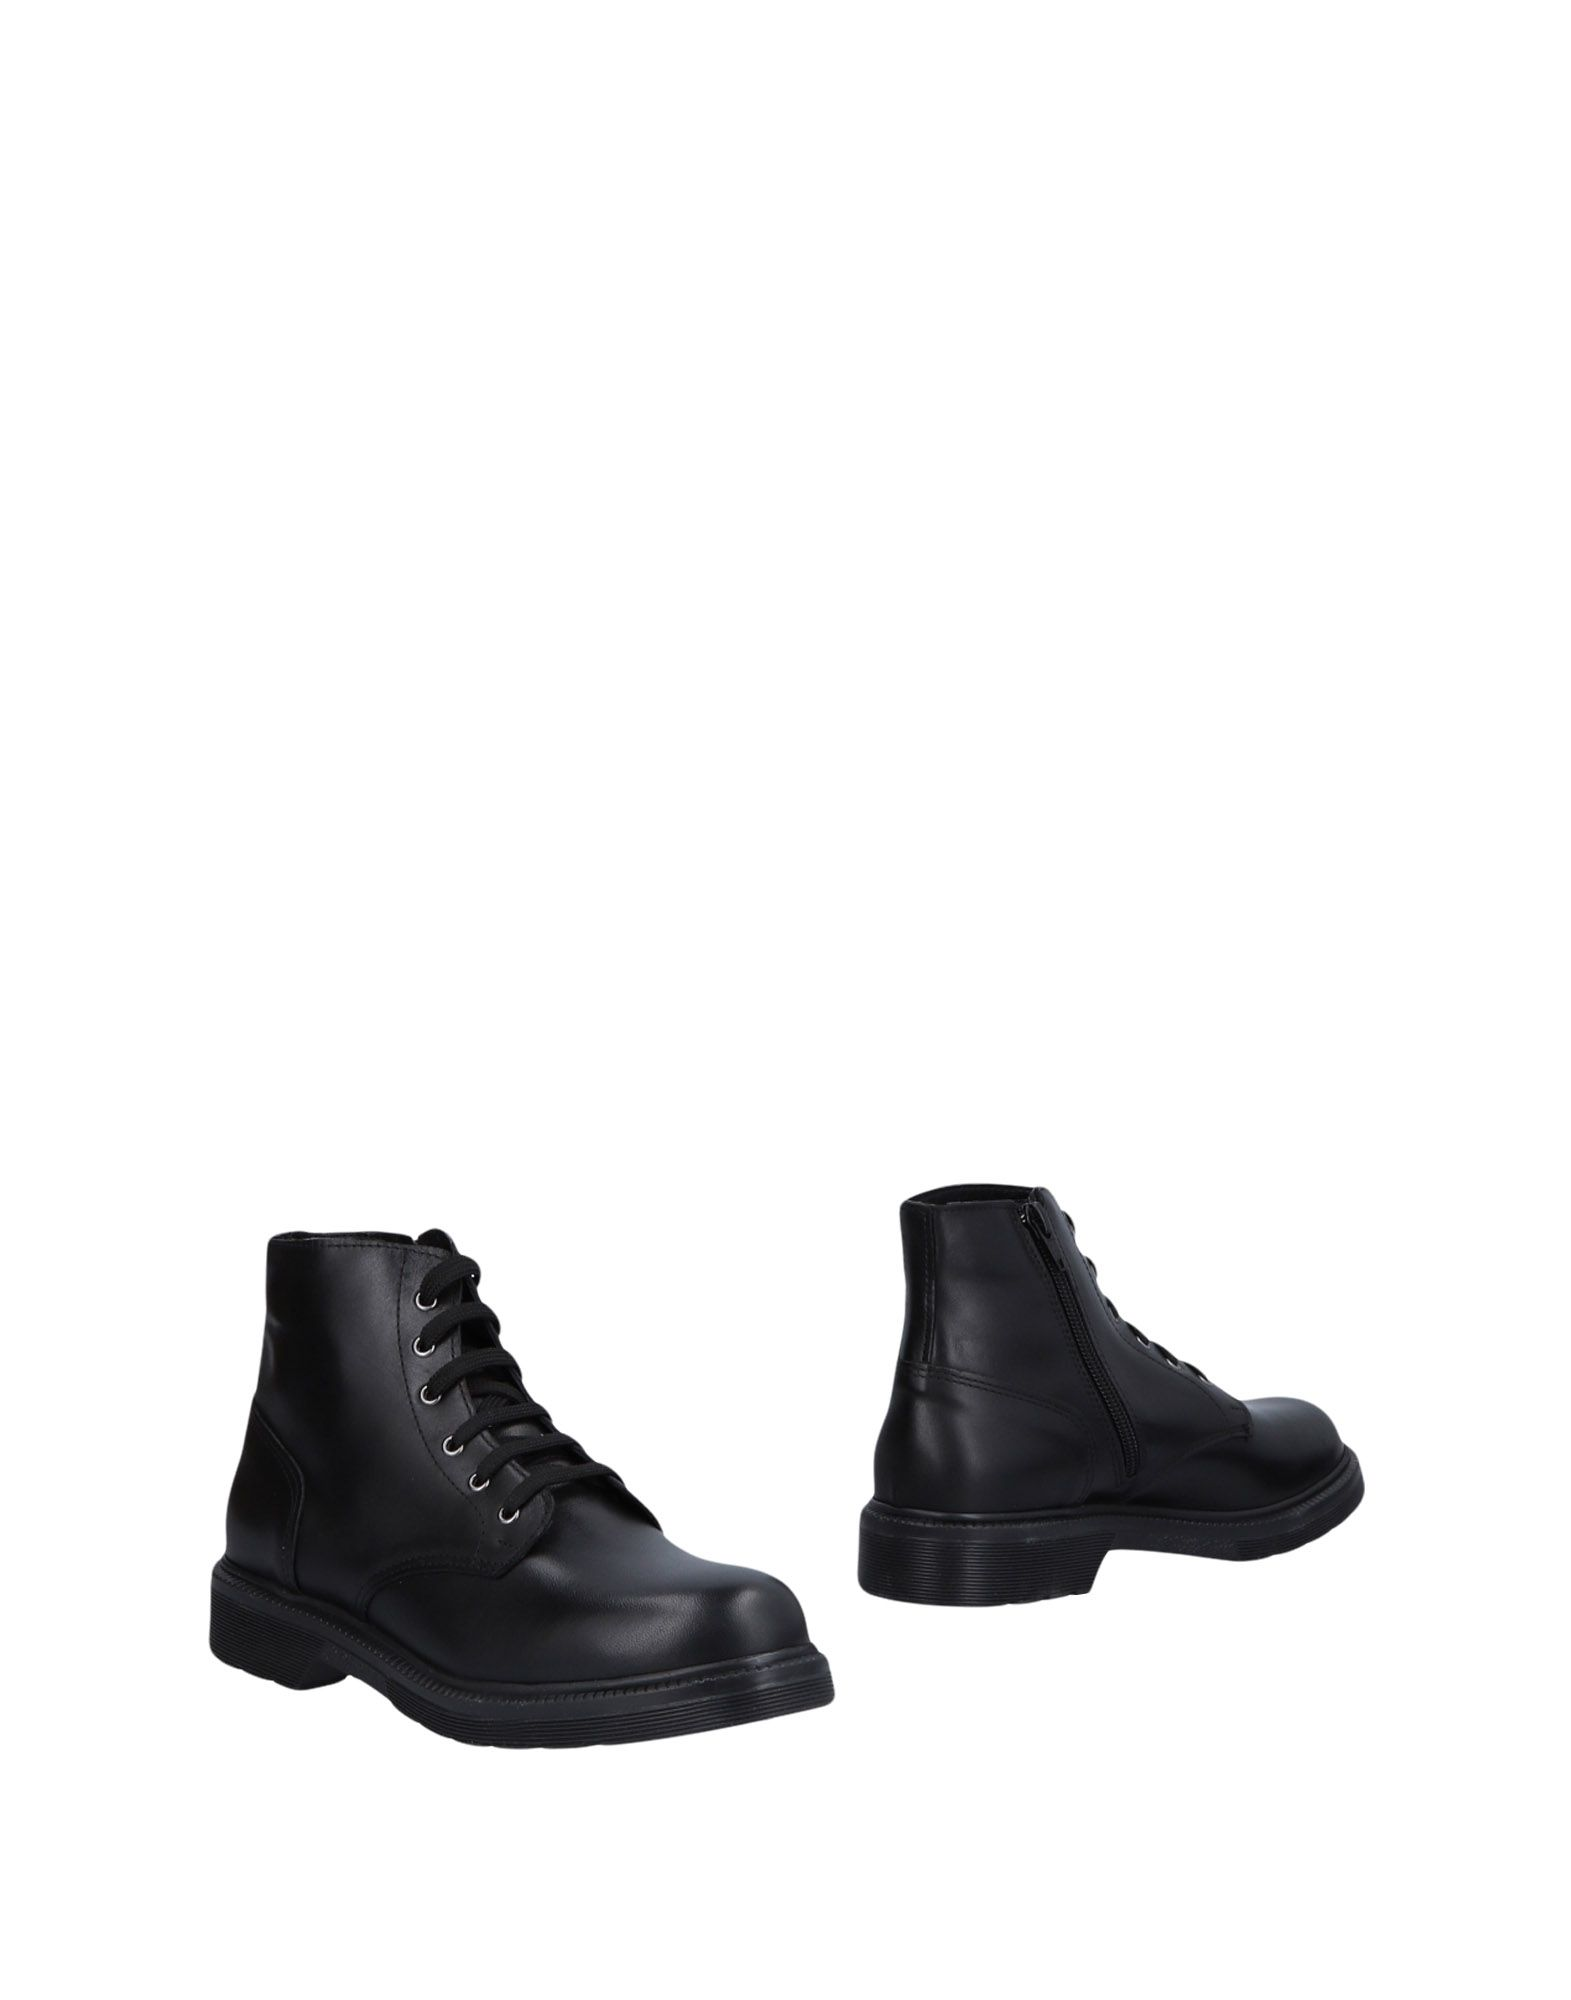 Unlace Stiefelette Damen  11472624GQ Gute Qualität beliebte Schuhe